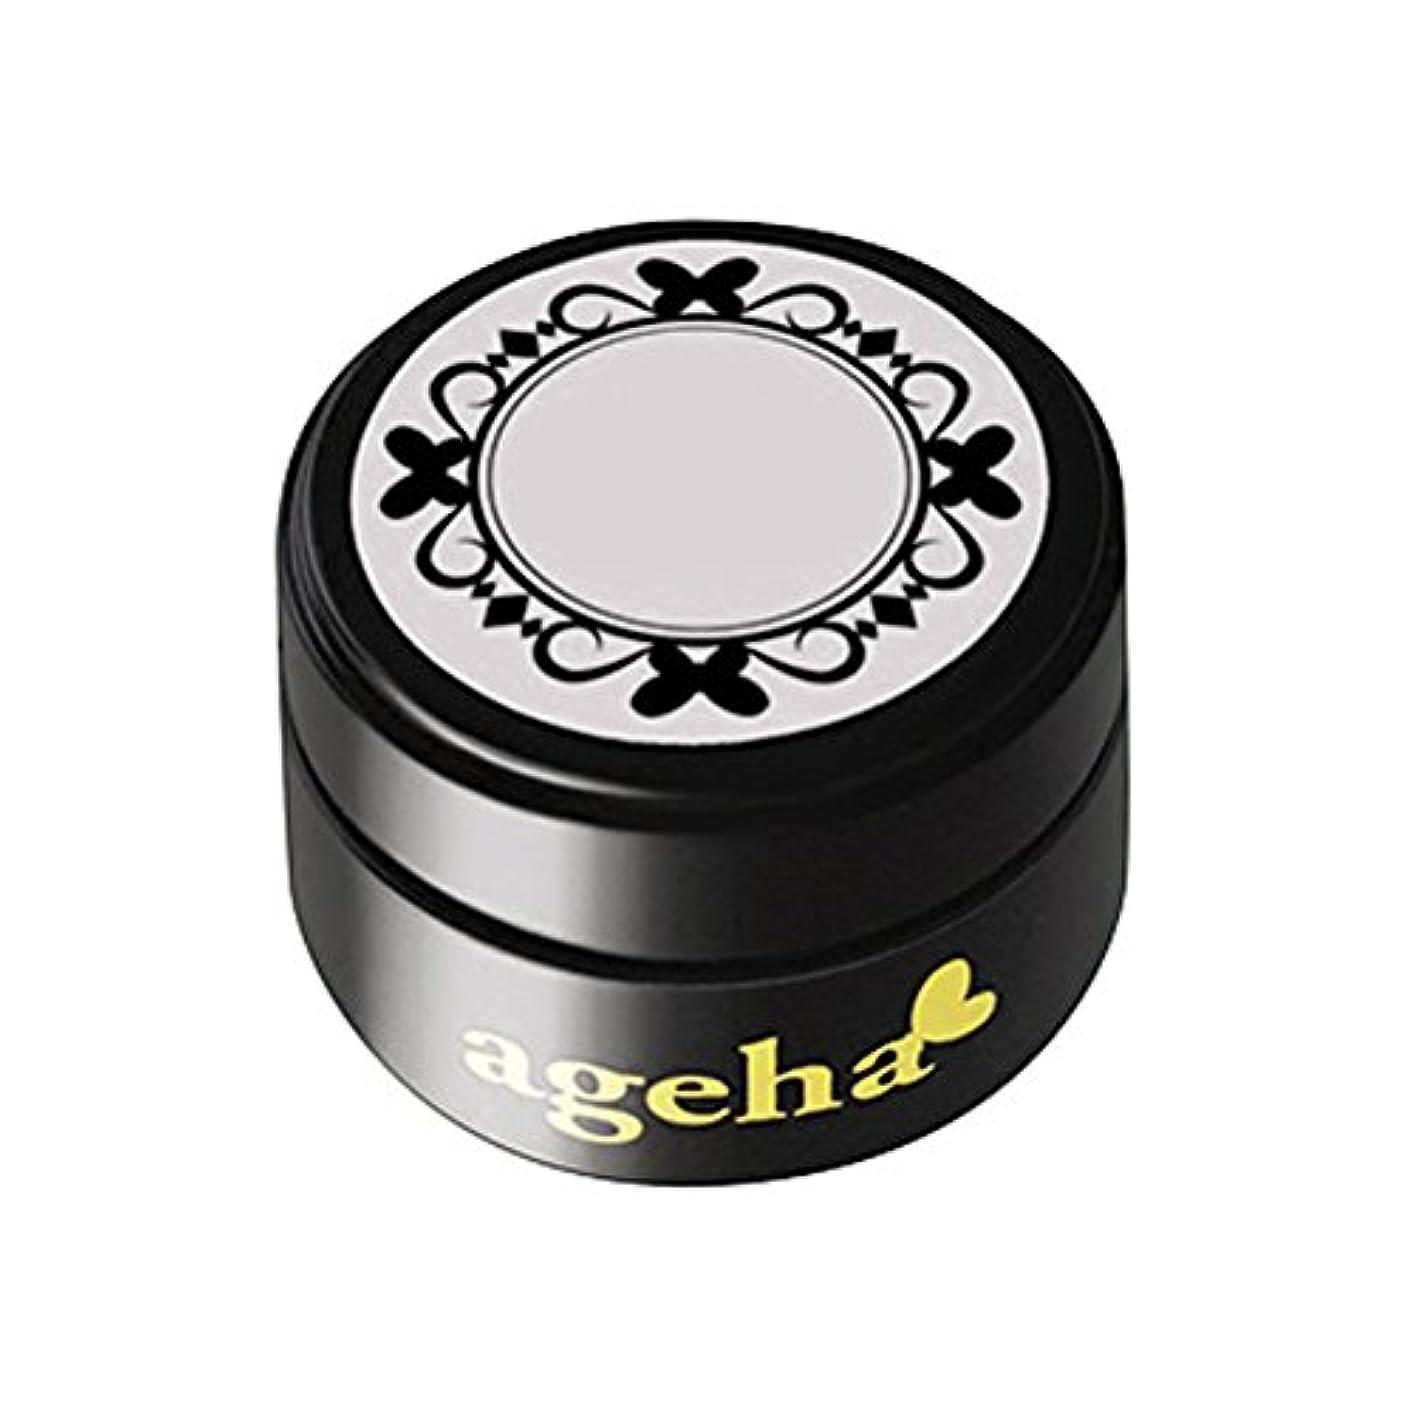 人形シャツ必要条件ageha gel カラージェル コスメカラー 104 フレッシュヌード 2.7g UV/LED対応